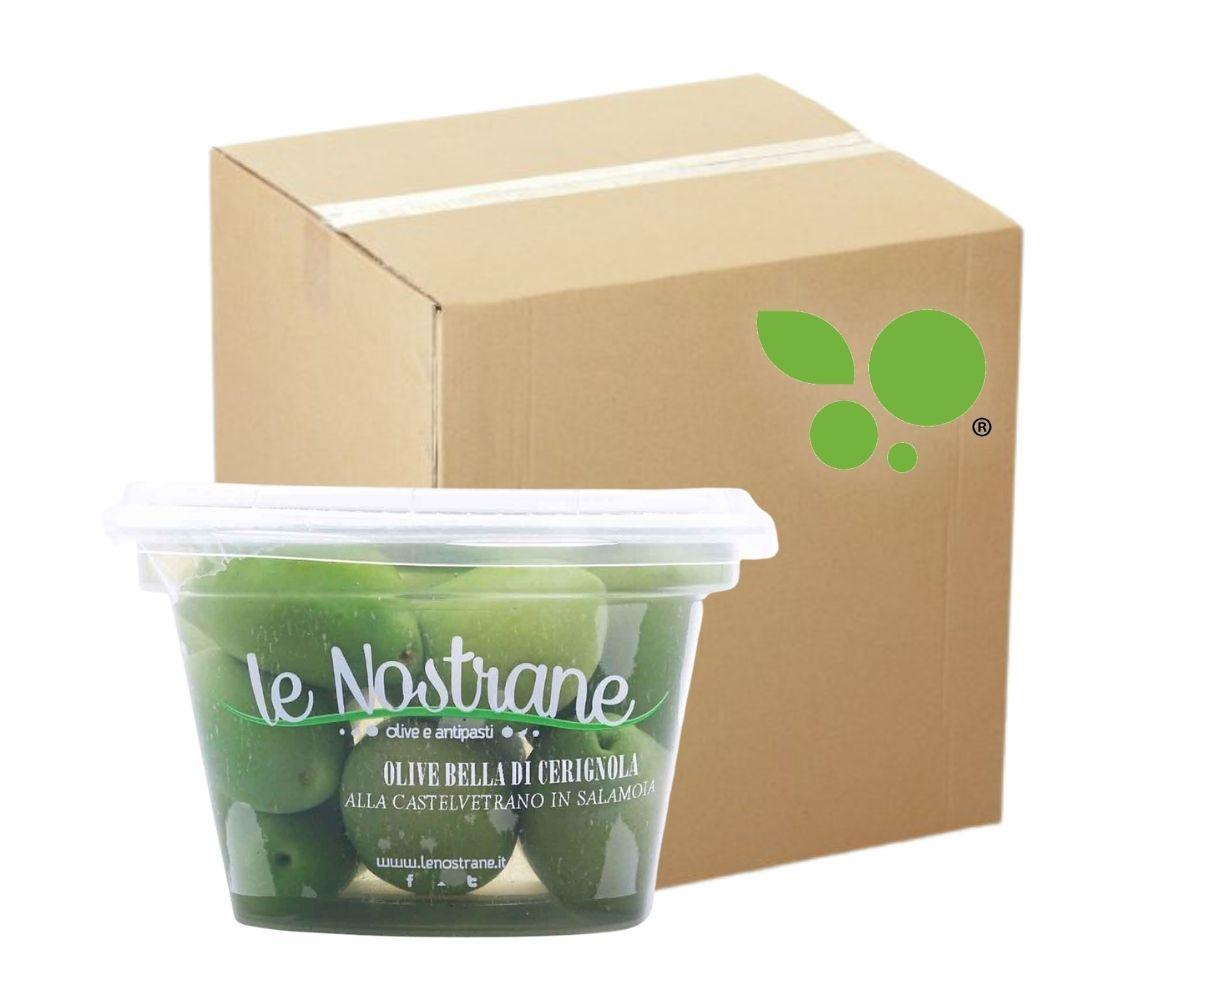 12 confezioni di olive verdi Bella di Cerignola in salamoia Le Nostrane 200gr